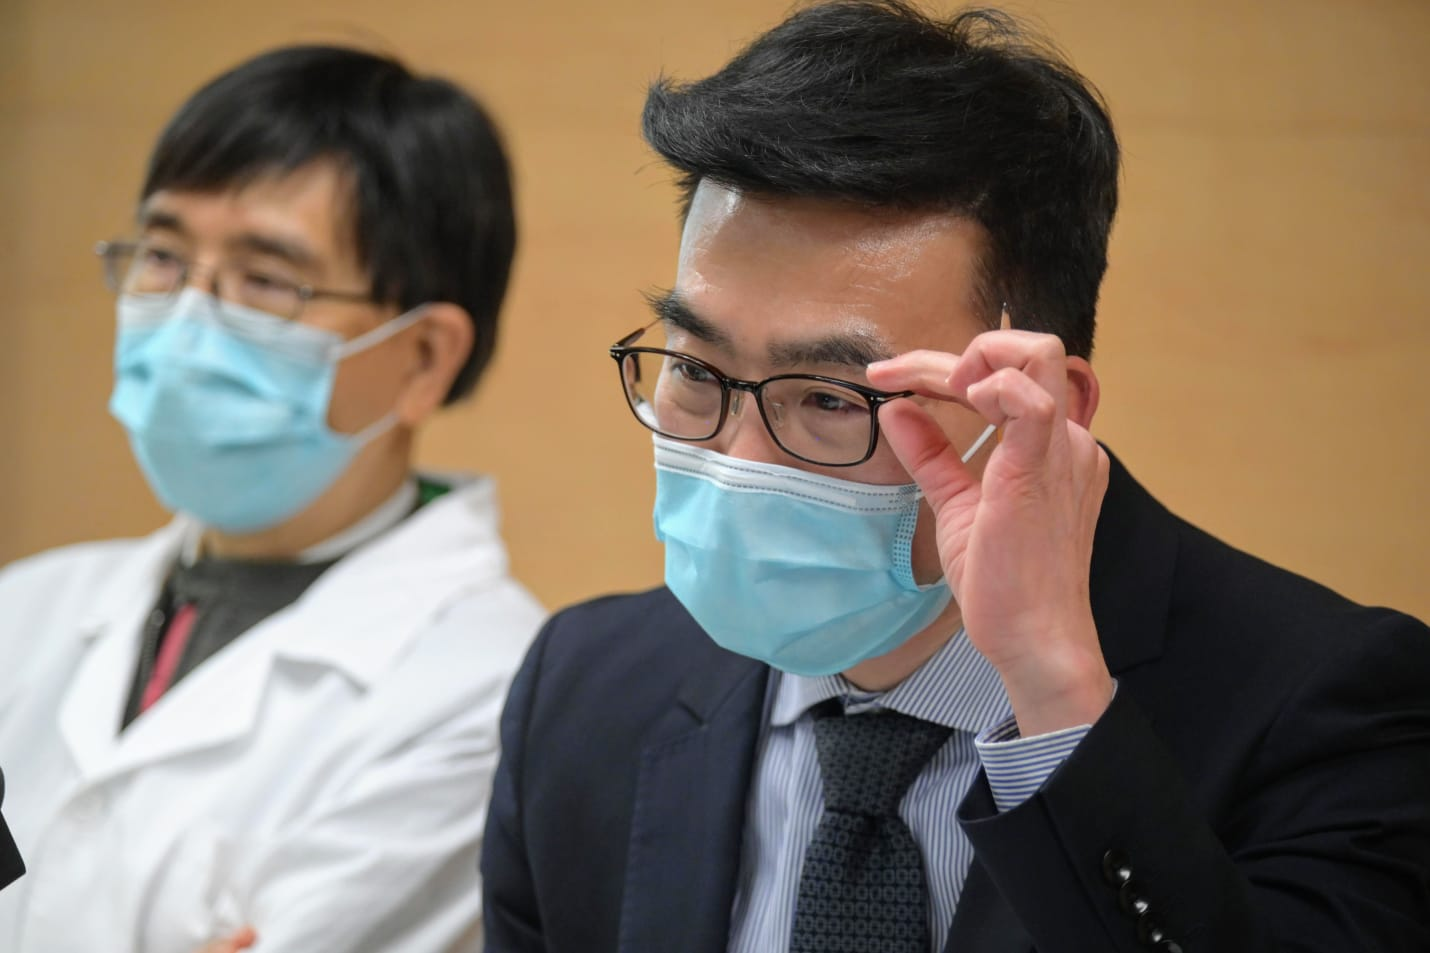 【新冠肺炎】医管局购快速试剂 最快周六联网可做测试